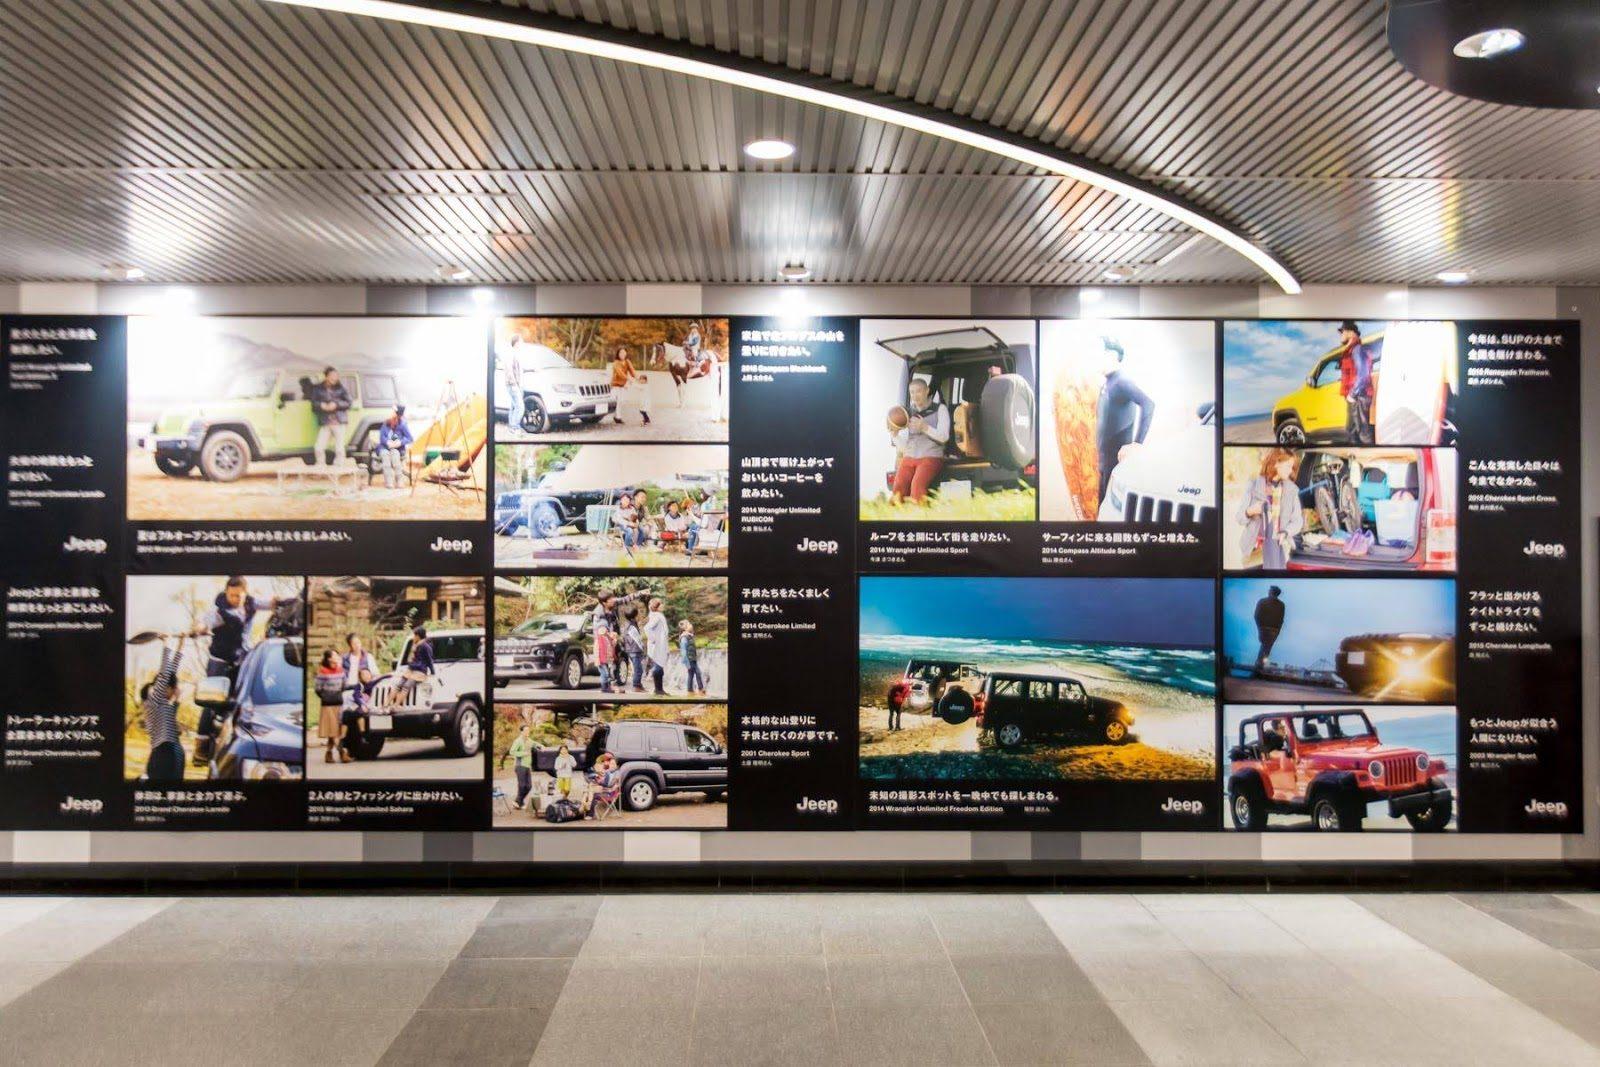 2015年Jeepオーナーフォトコンテスト|全国6都市の駅貼りポスターに掲載スタート